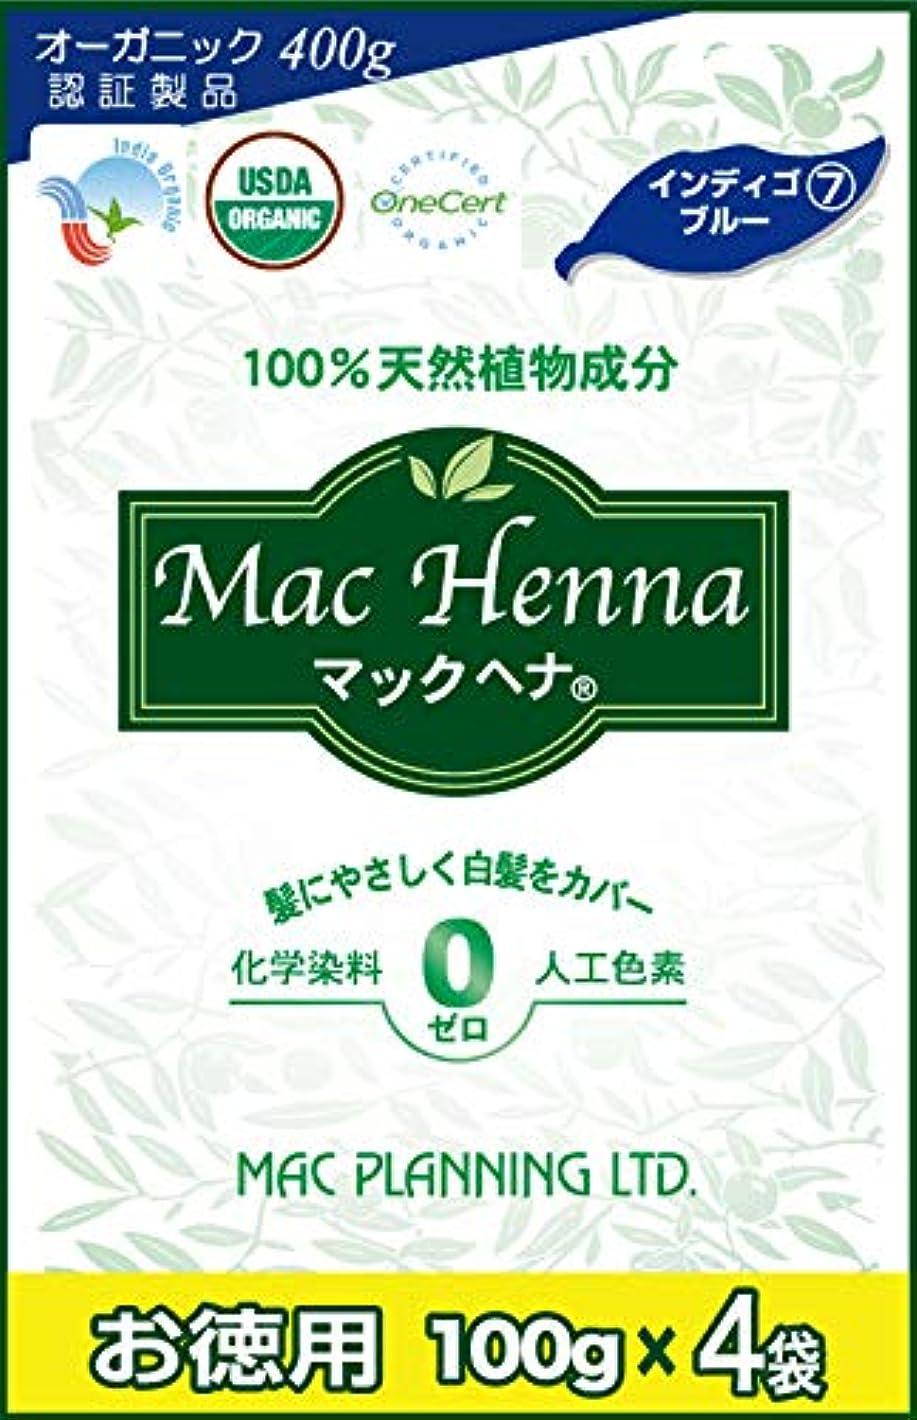 マーベルガイドピストルマックヘナ お徳用 インディゴブルー400g (インディゴ100%) 100%天然